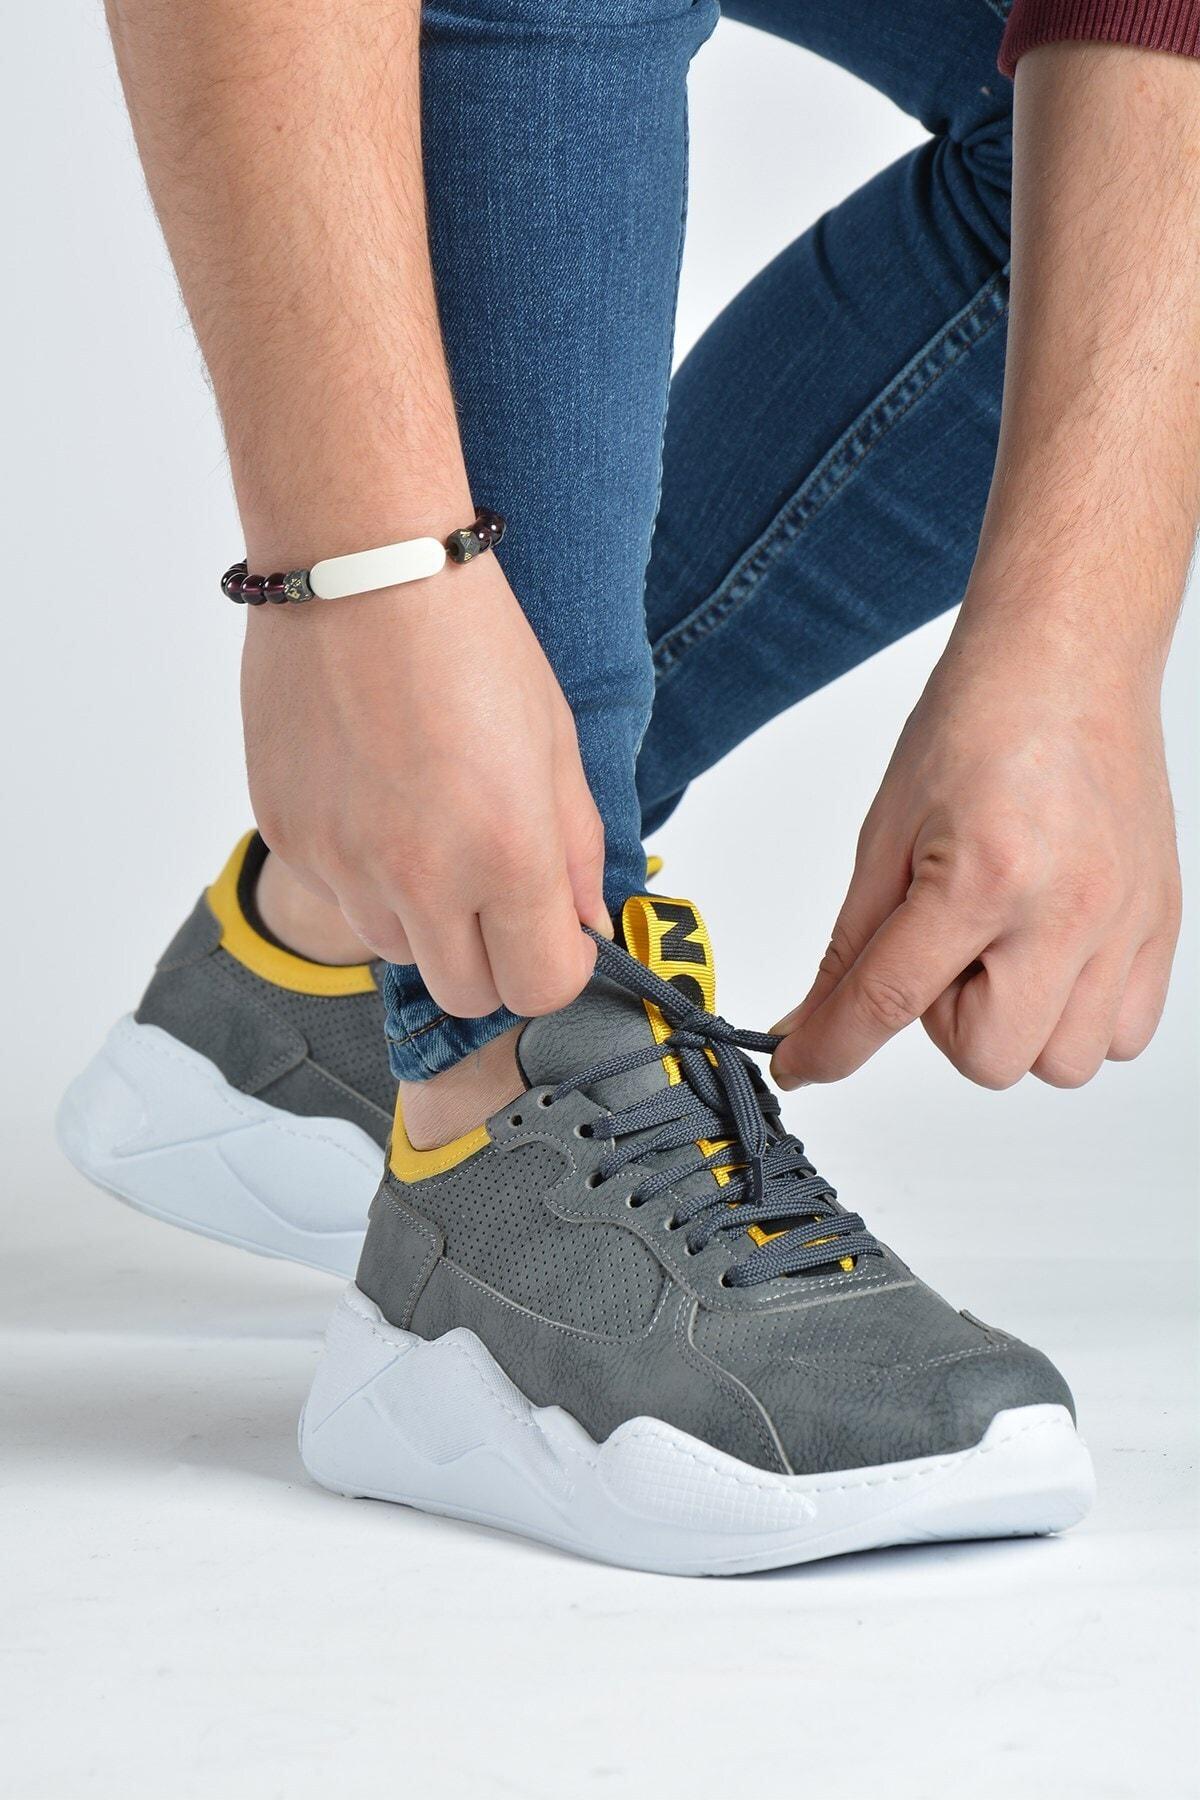 Terapi Men Erkek Antrasit Günlük Spor Ayakkabı 20k-1200270-2 1